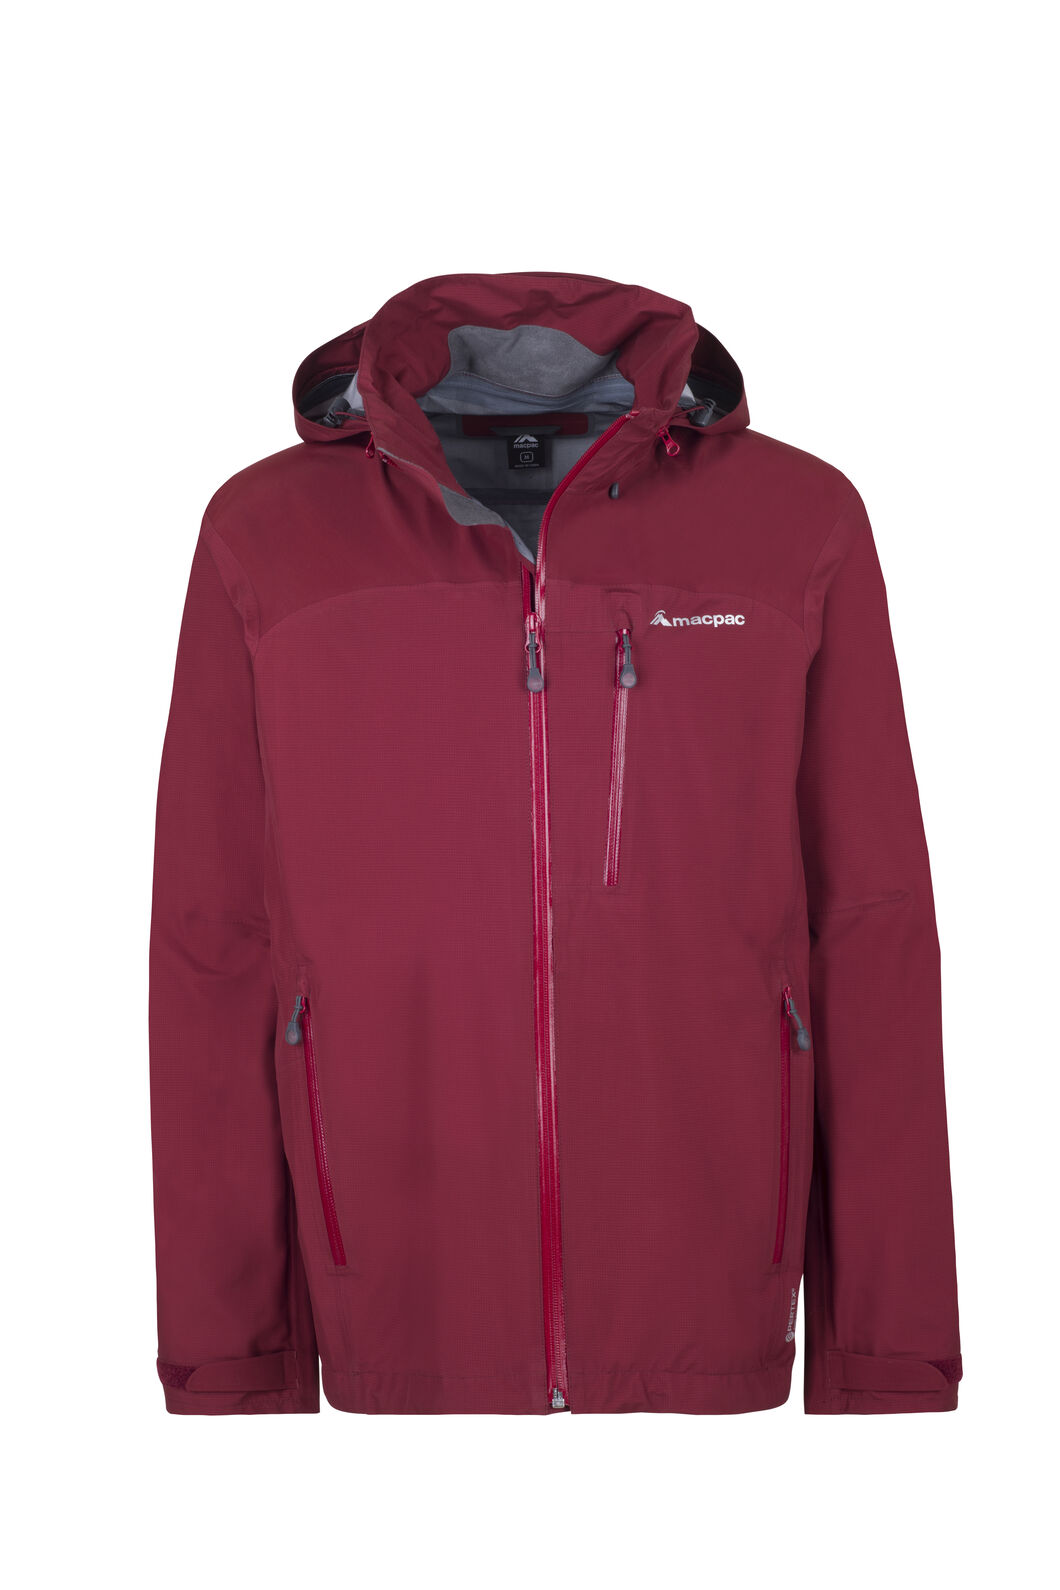 Macpac Traverse Pertex® Rain Jacket - Men's, Syrah, hi-res